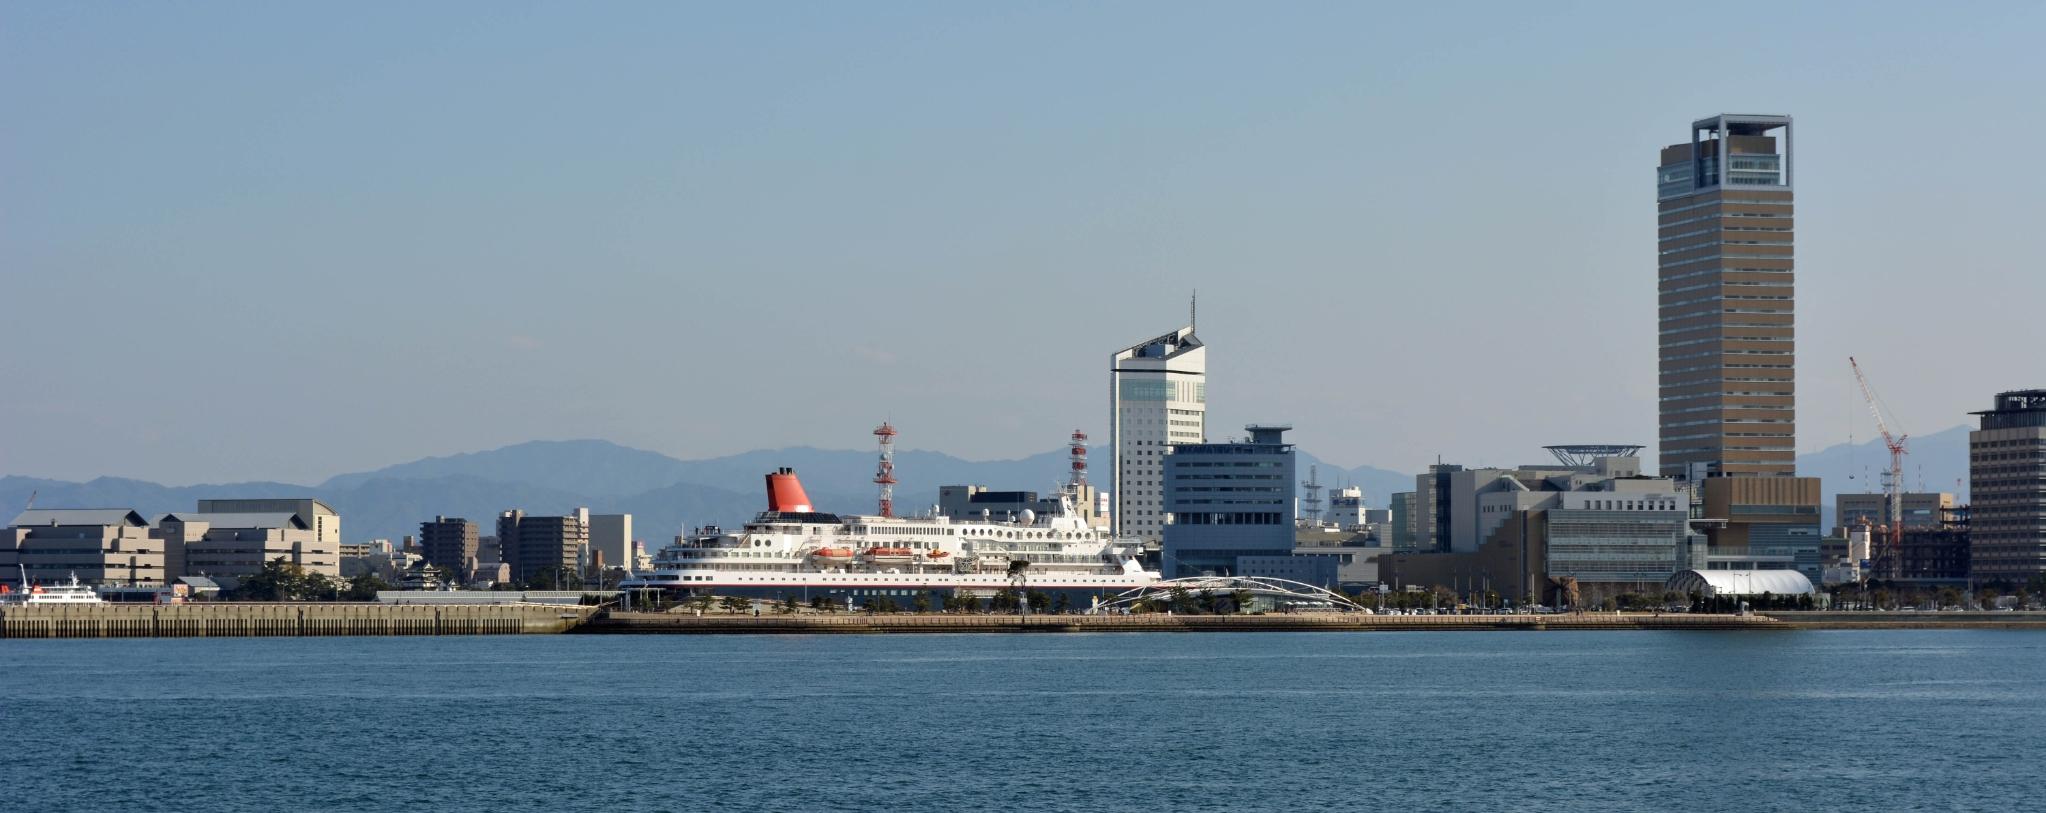 高松港ににっぽん丸